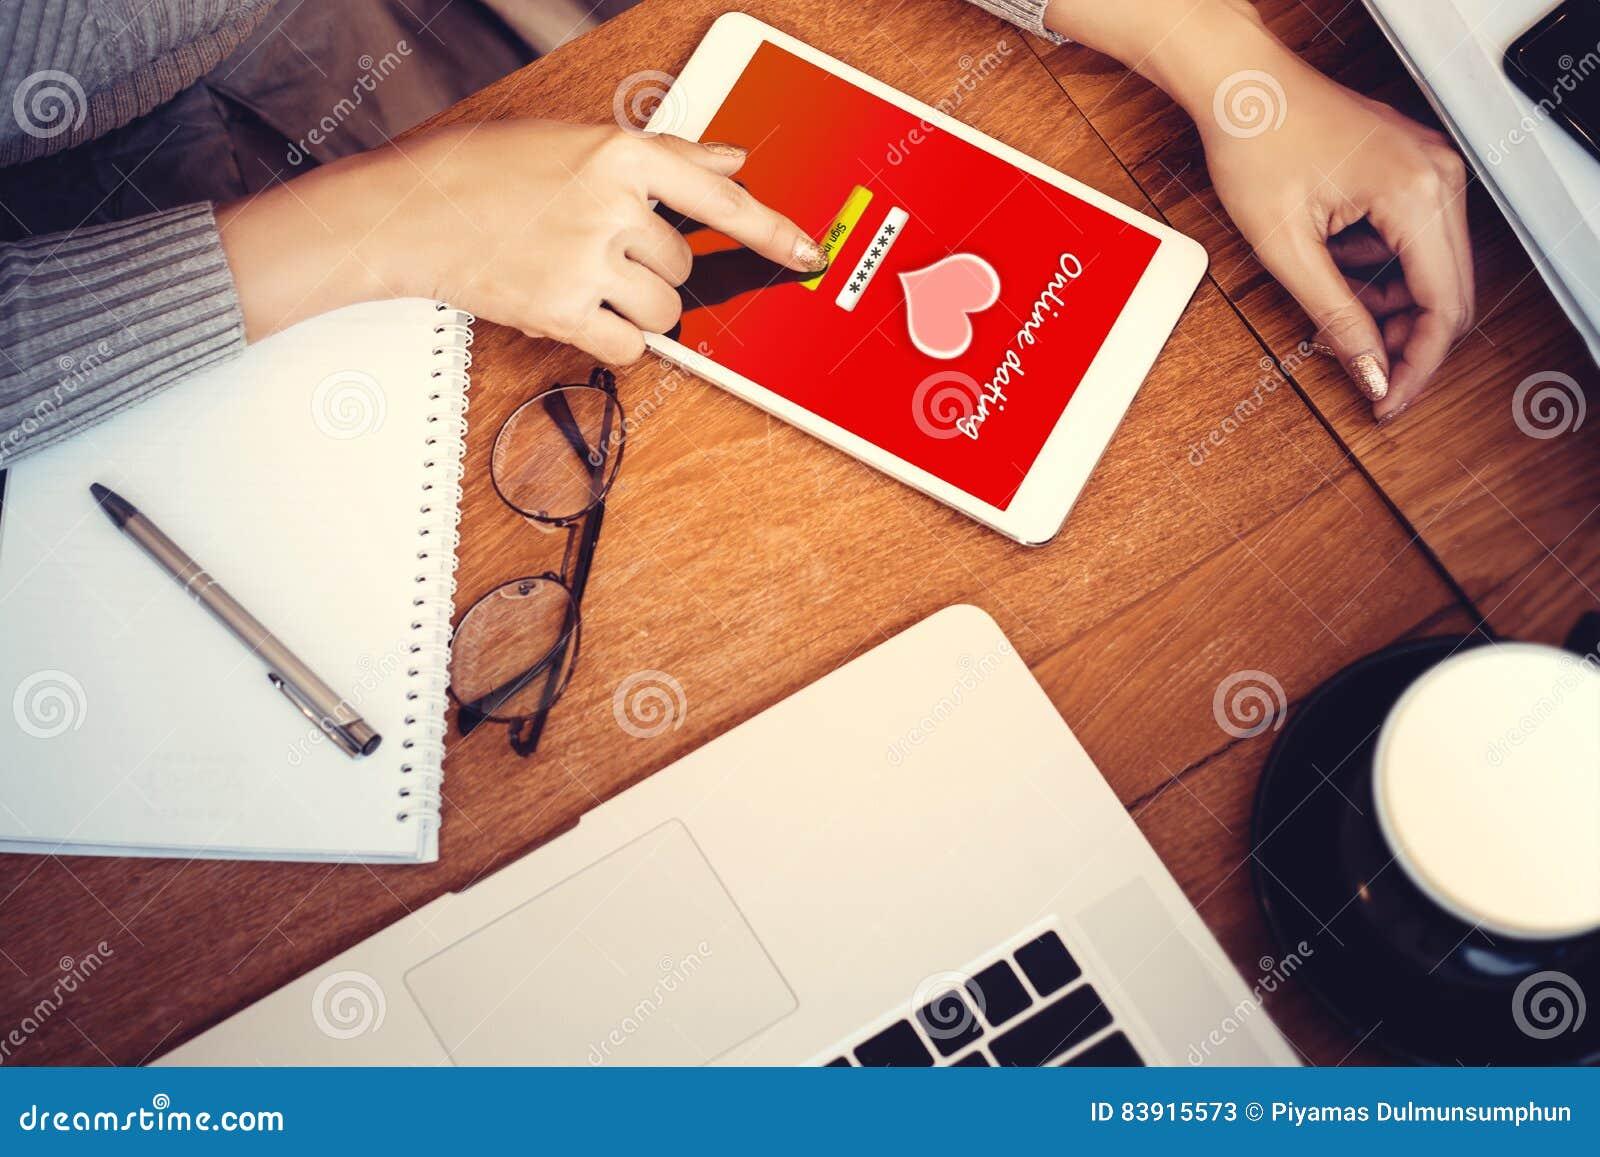 Nur Freunde online datieren